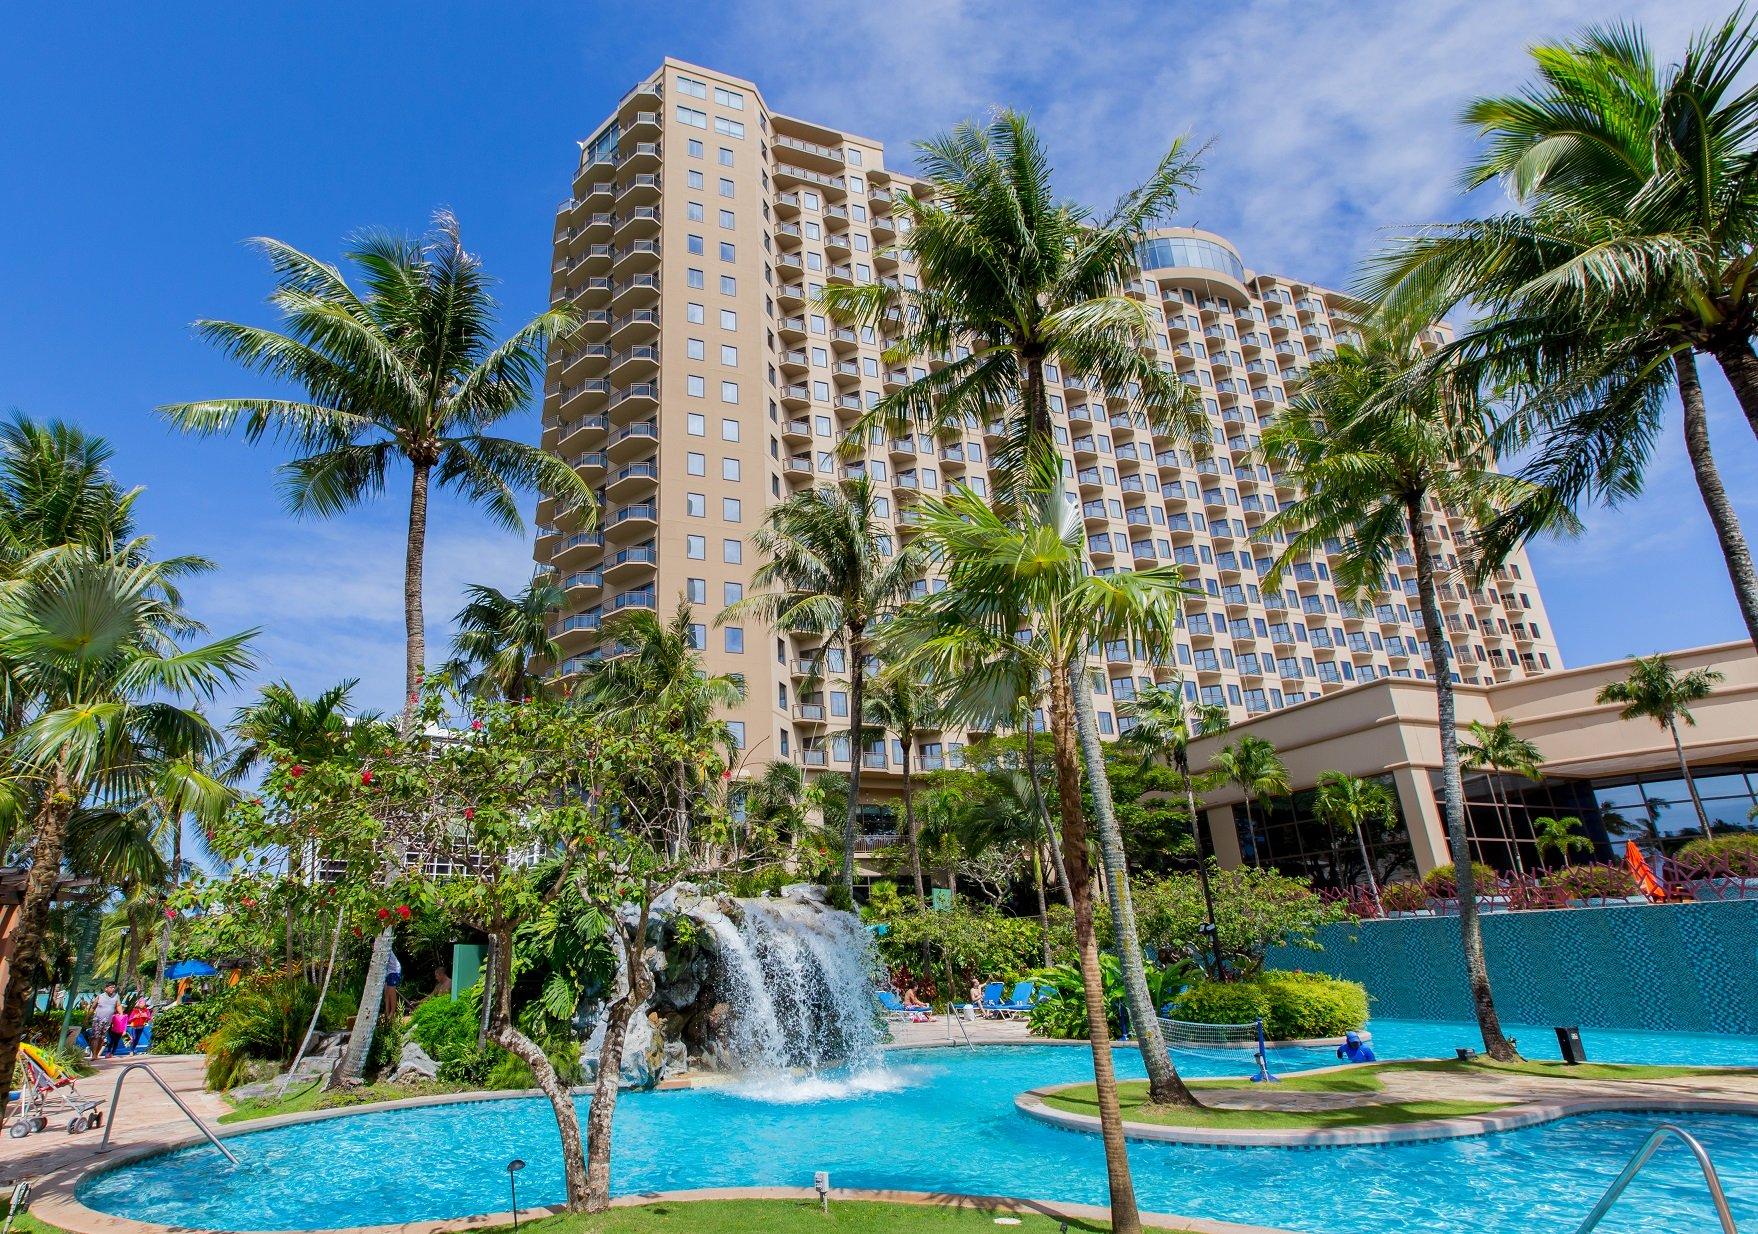 Dusit ajoute un hôtel de plage et un centre commercial à Guam